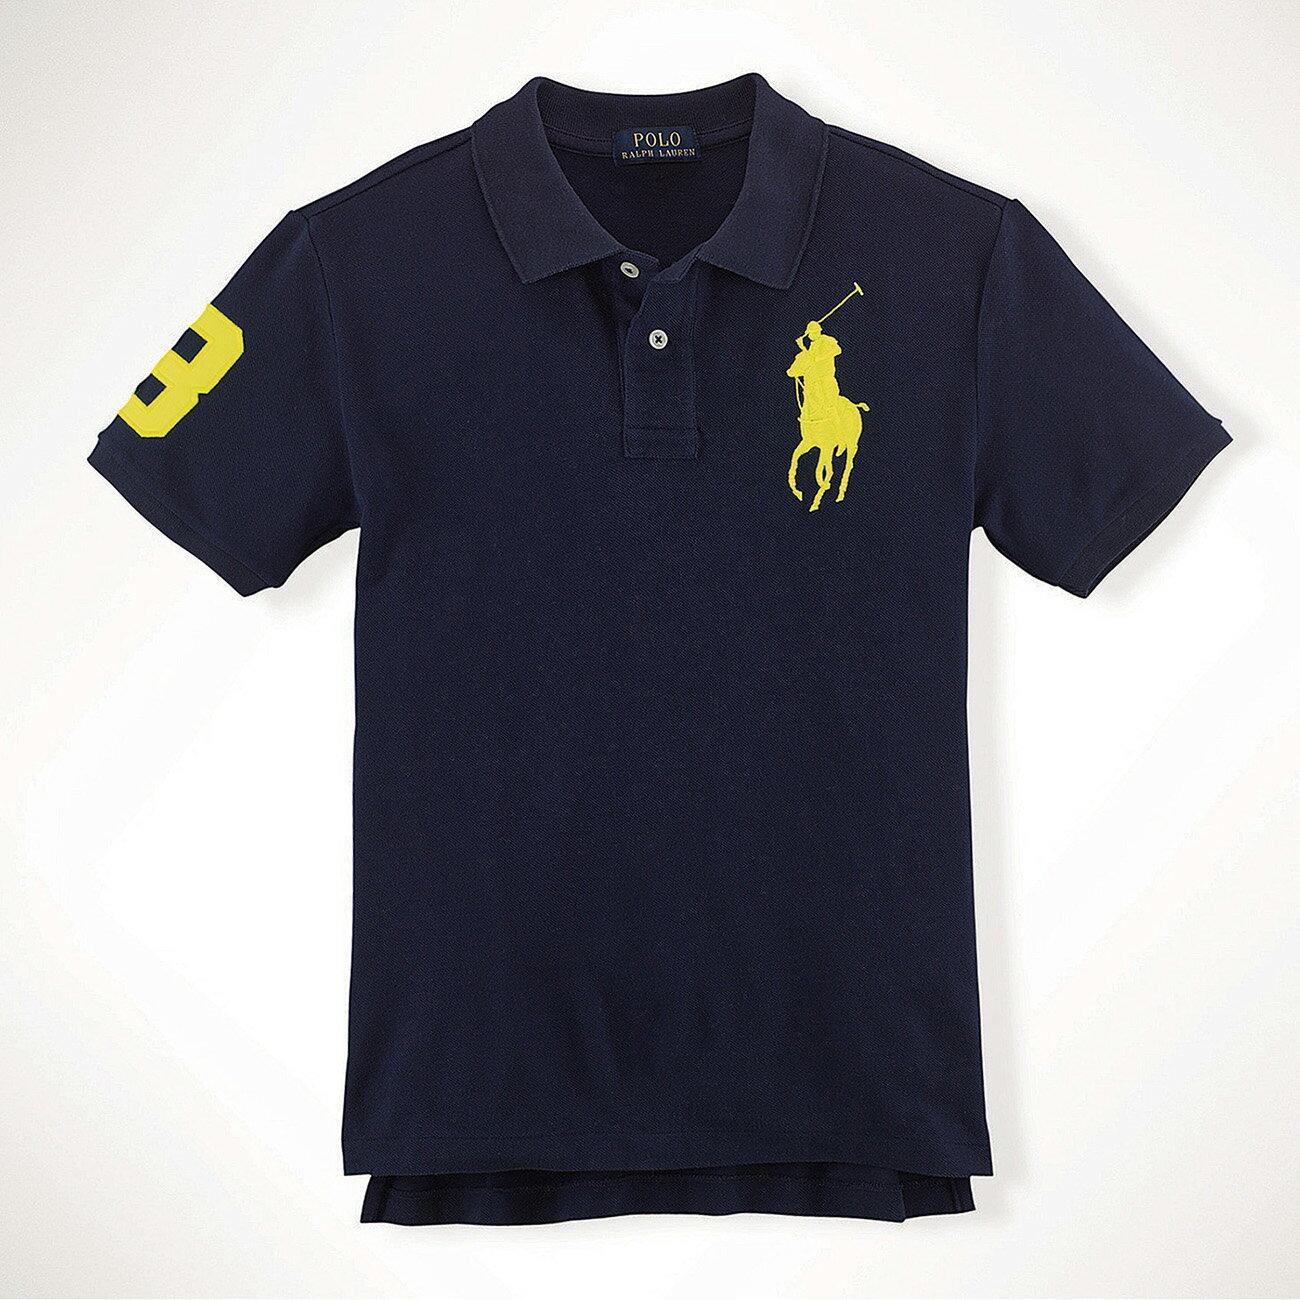 美國百分百【Ralph Lauren】Polo 衫 RL 短袖 網眼 大馬 素面 深藍 黃馬 男 S XS號 B003